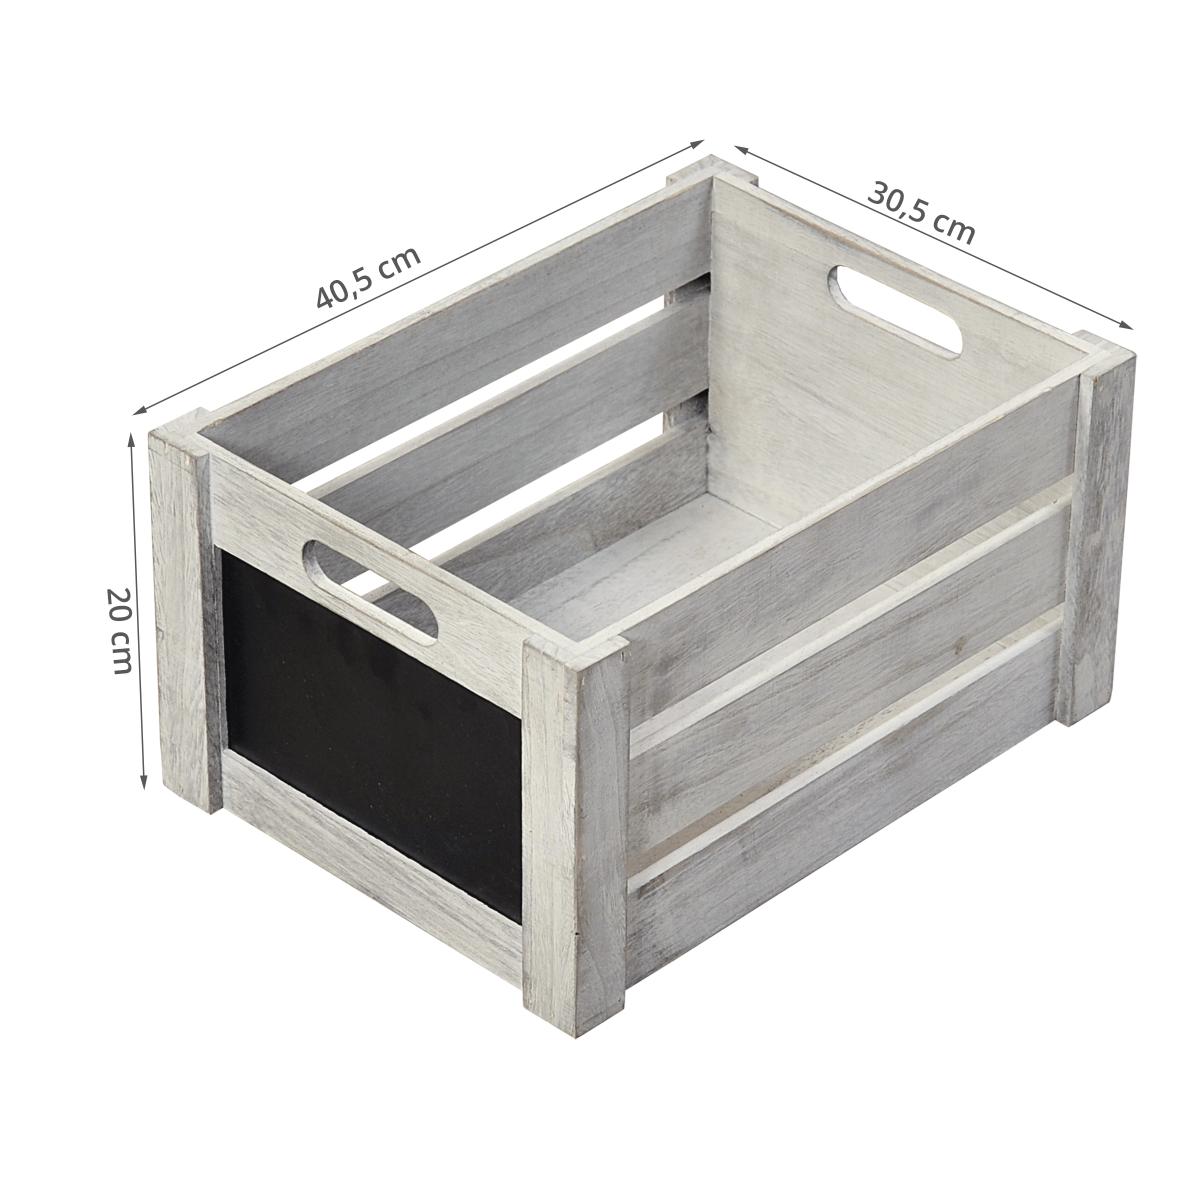 caisse en bois avec ardoise rangement. Black Bedroom Furniture Sets. Home Design Ideas